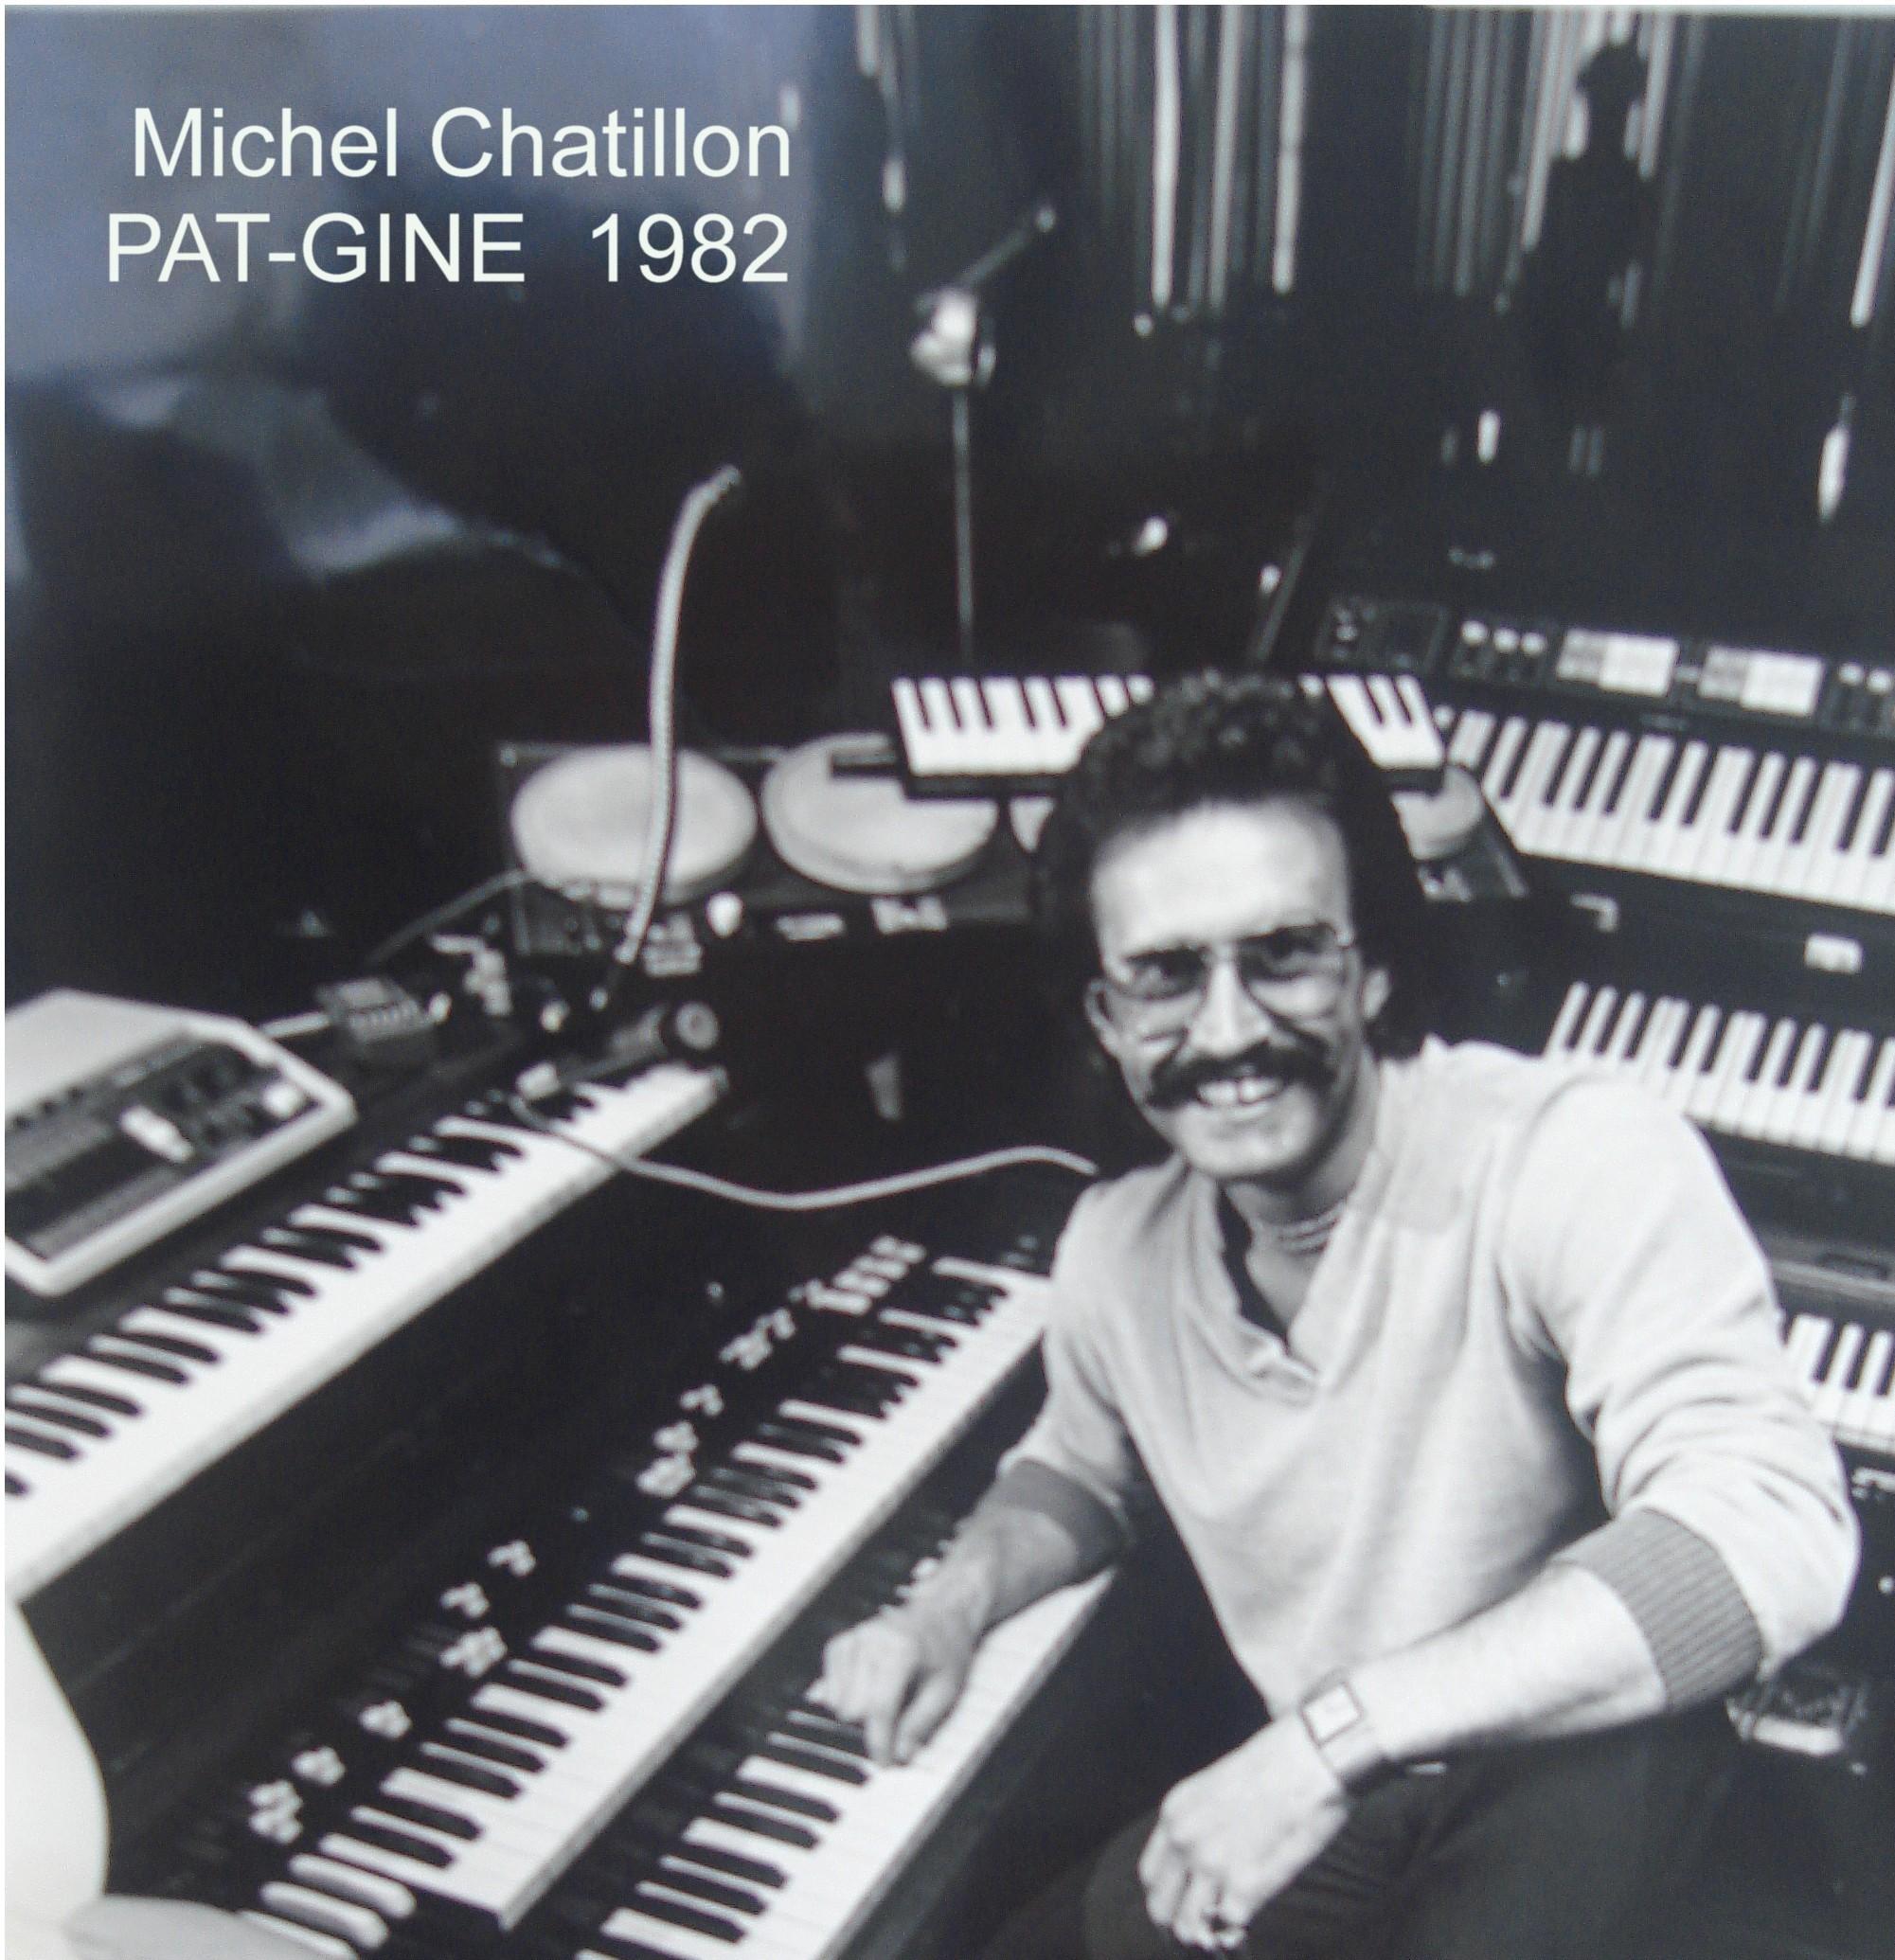 MICHEL CHATILLON, MUSICIEN UN AUTODIDACTE AVEC LA MUSIQUE DANS LE SANG